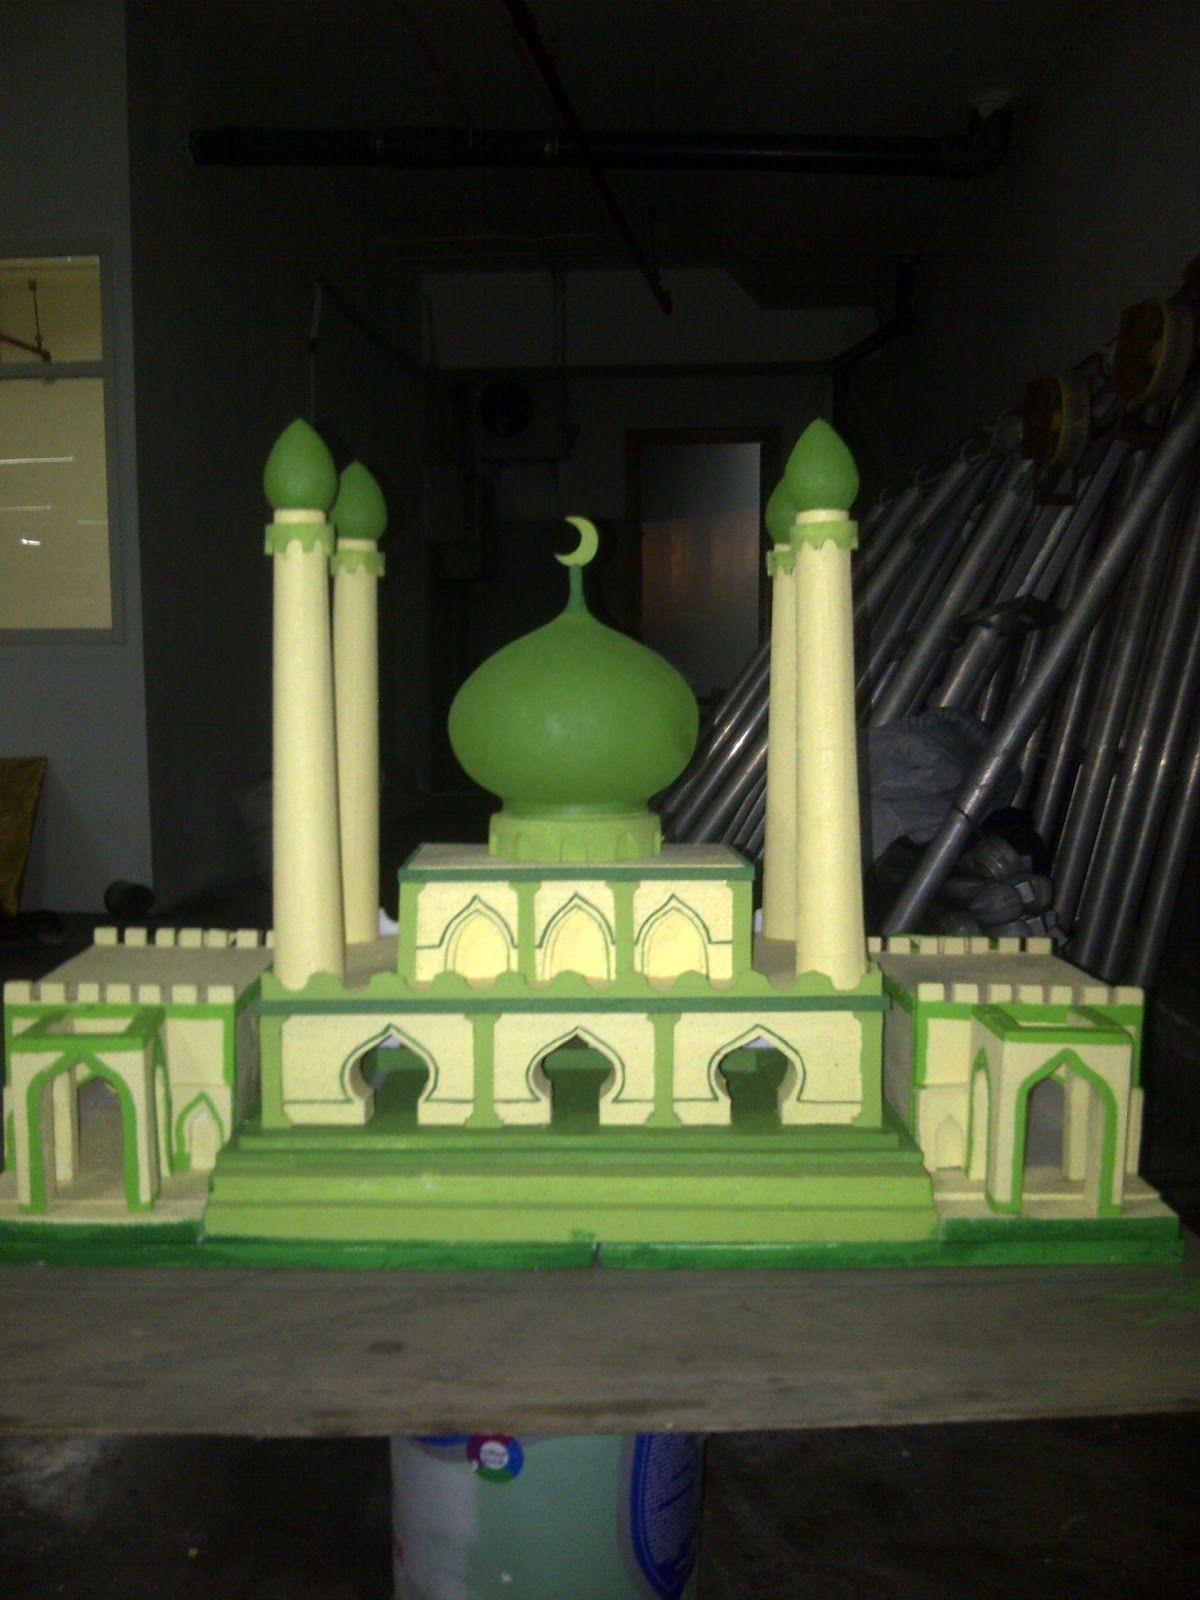 Miniatur Masjid Dari Styrofoam : miniatur, masjid, styrofoam, Dekorasi, Styrofoam, Miniatur, Masjid, Seniman, Bangun, Pakai, Pembuatan, Mahar, Anaria…, Miniatur,, Gambar,